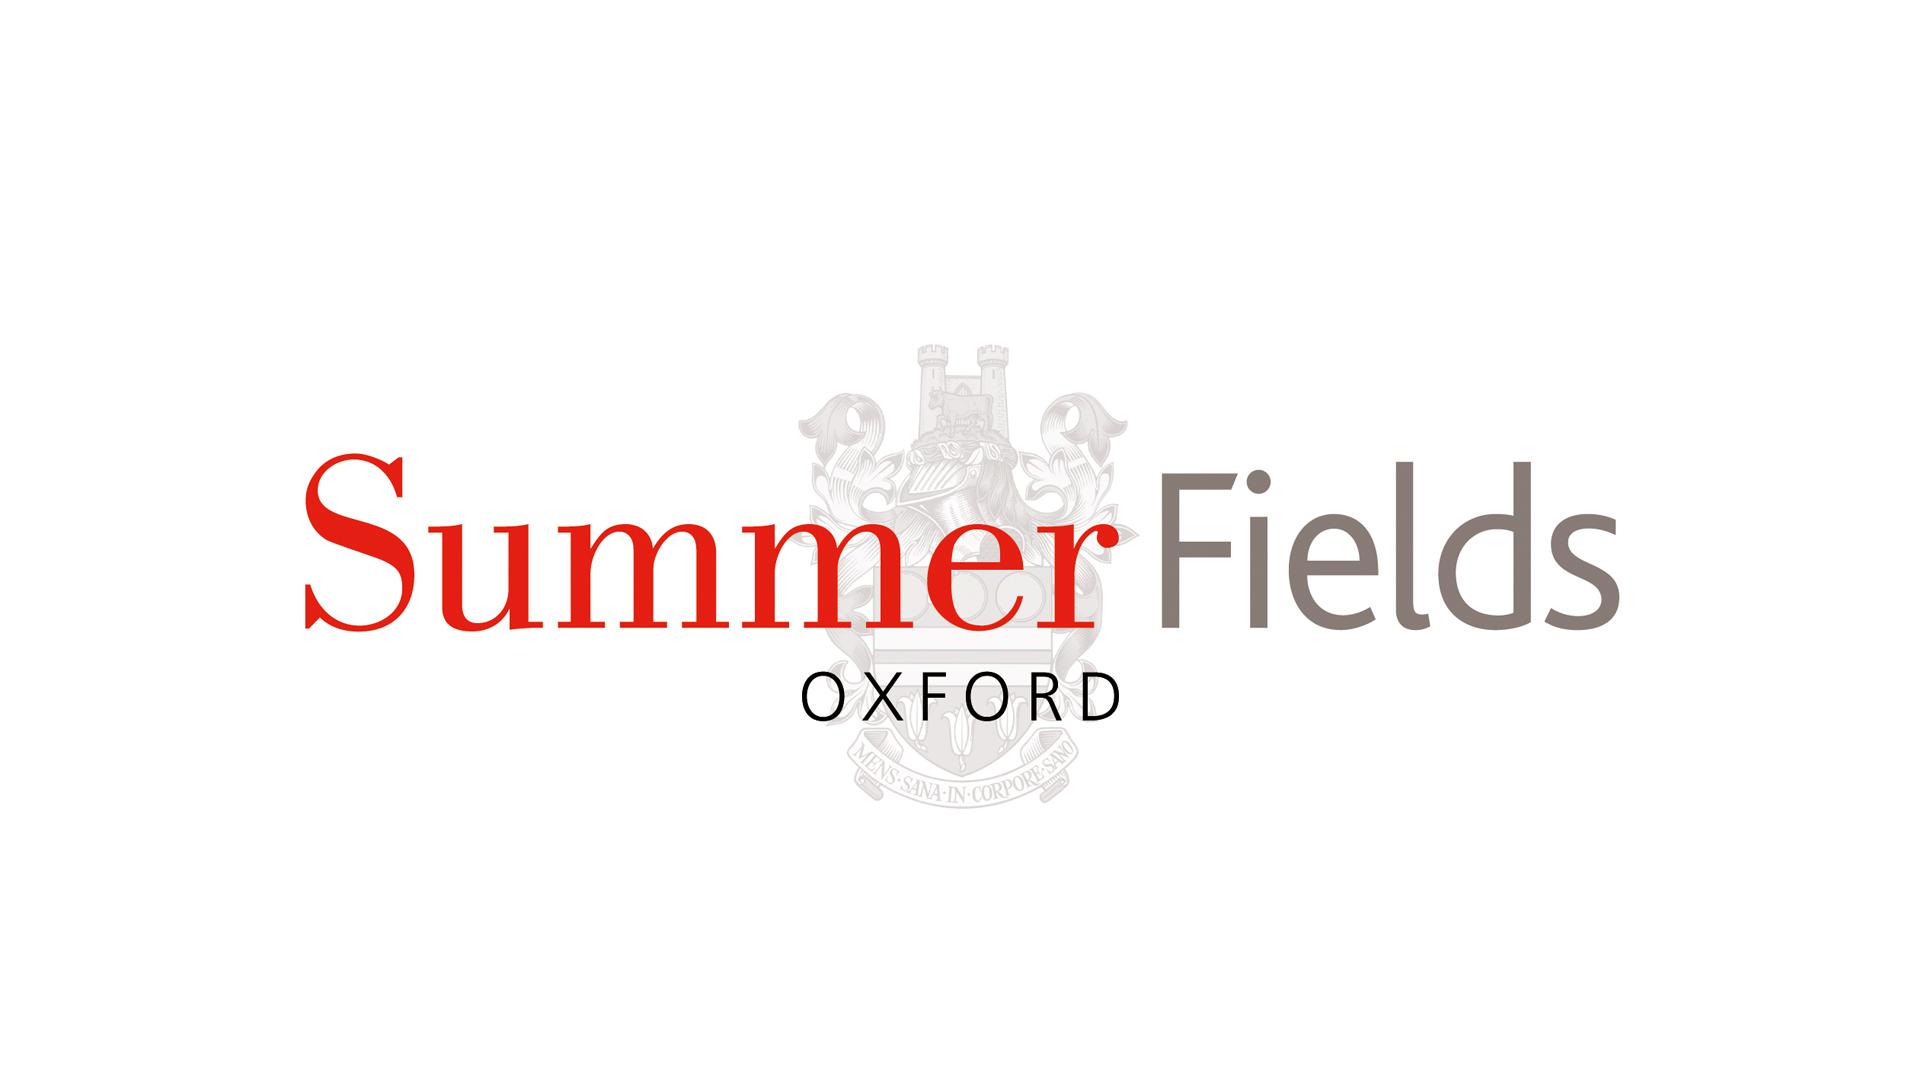 Summer-Fields-Oxford-White-Logo